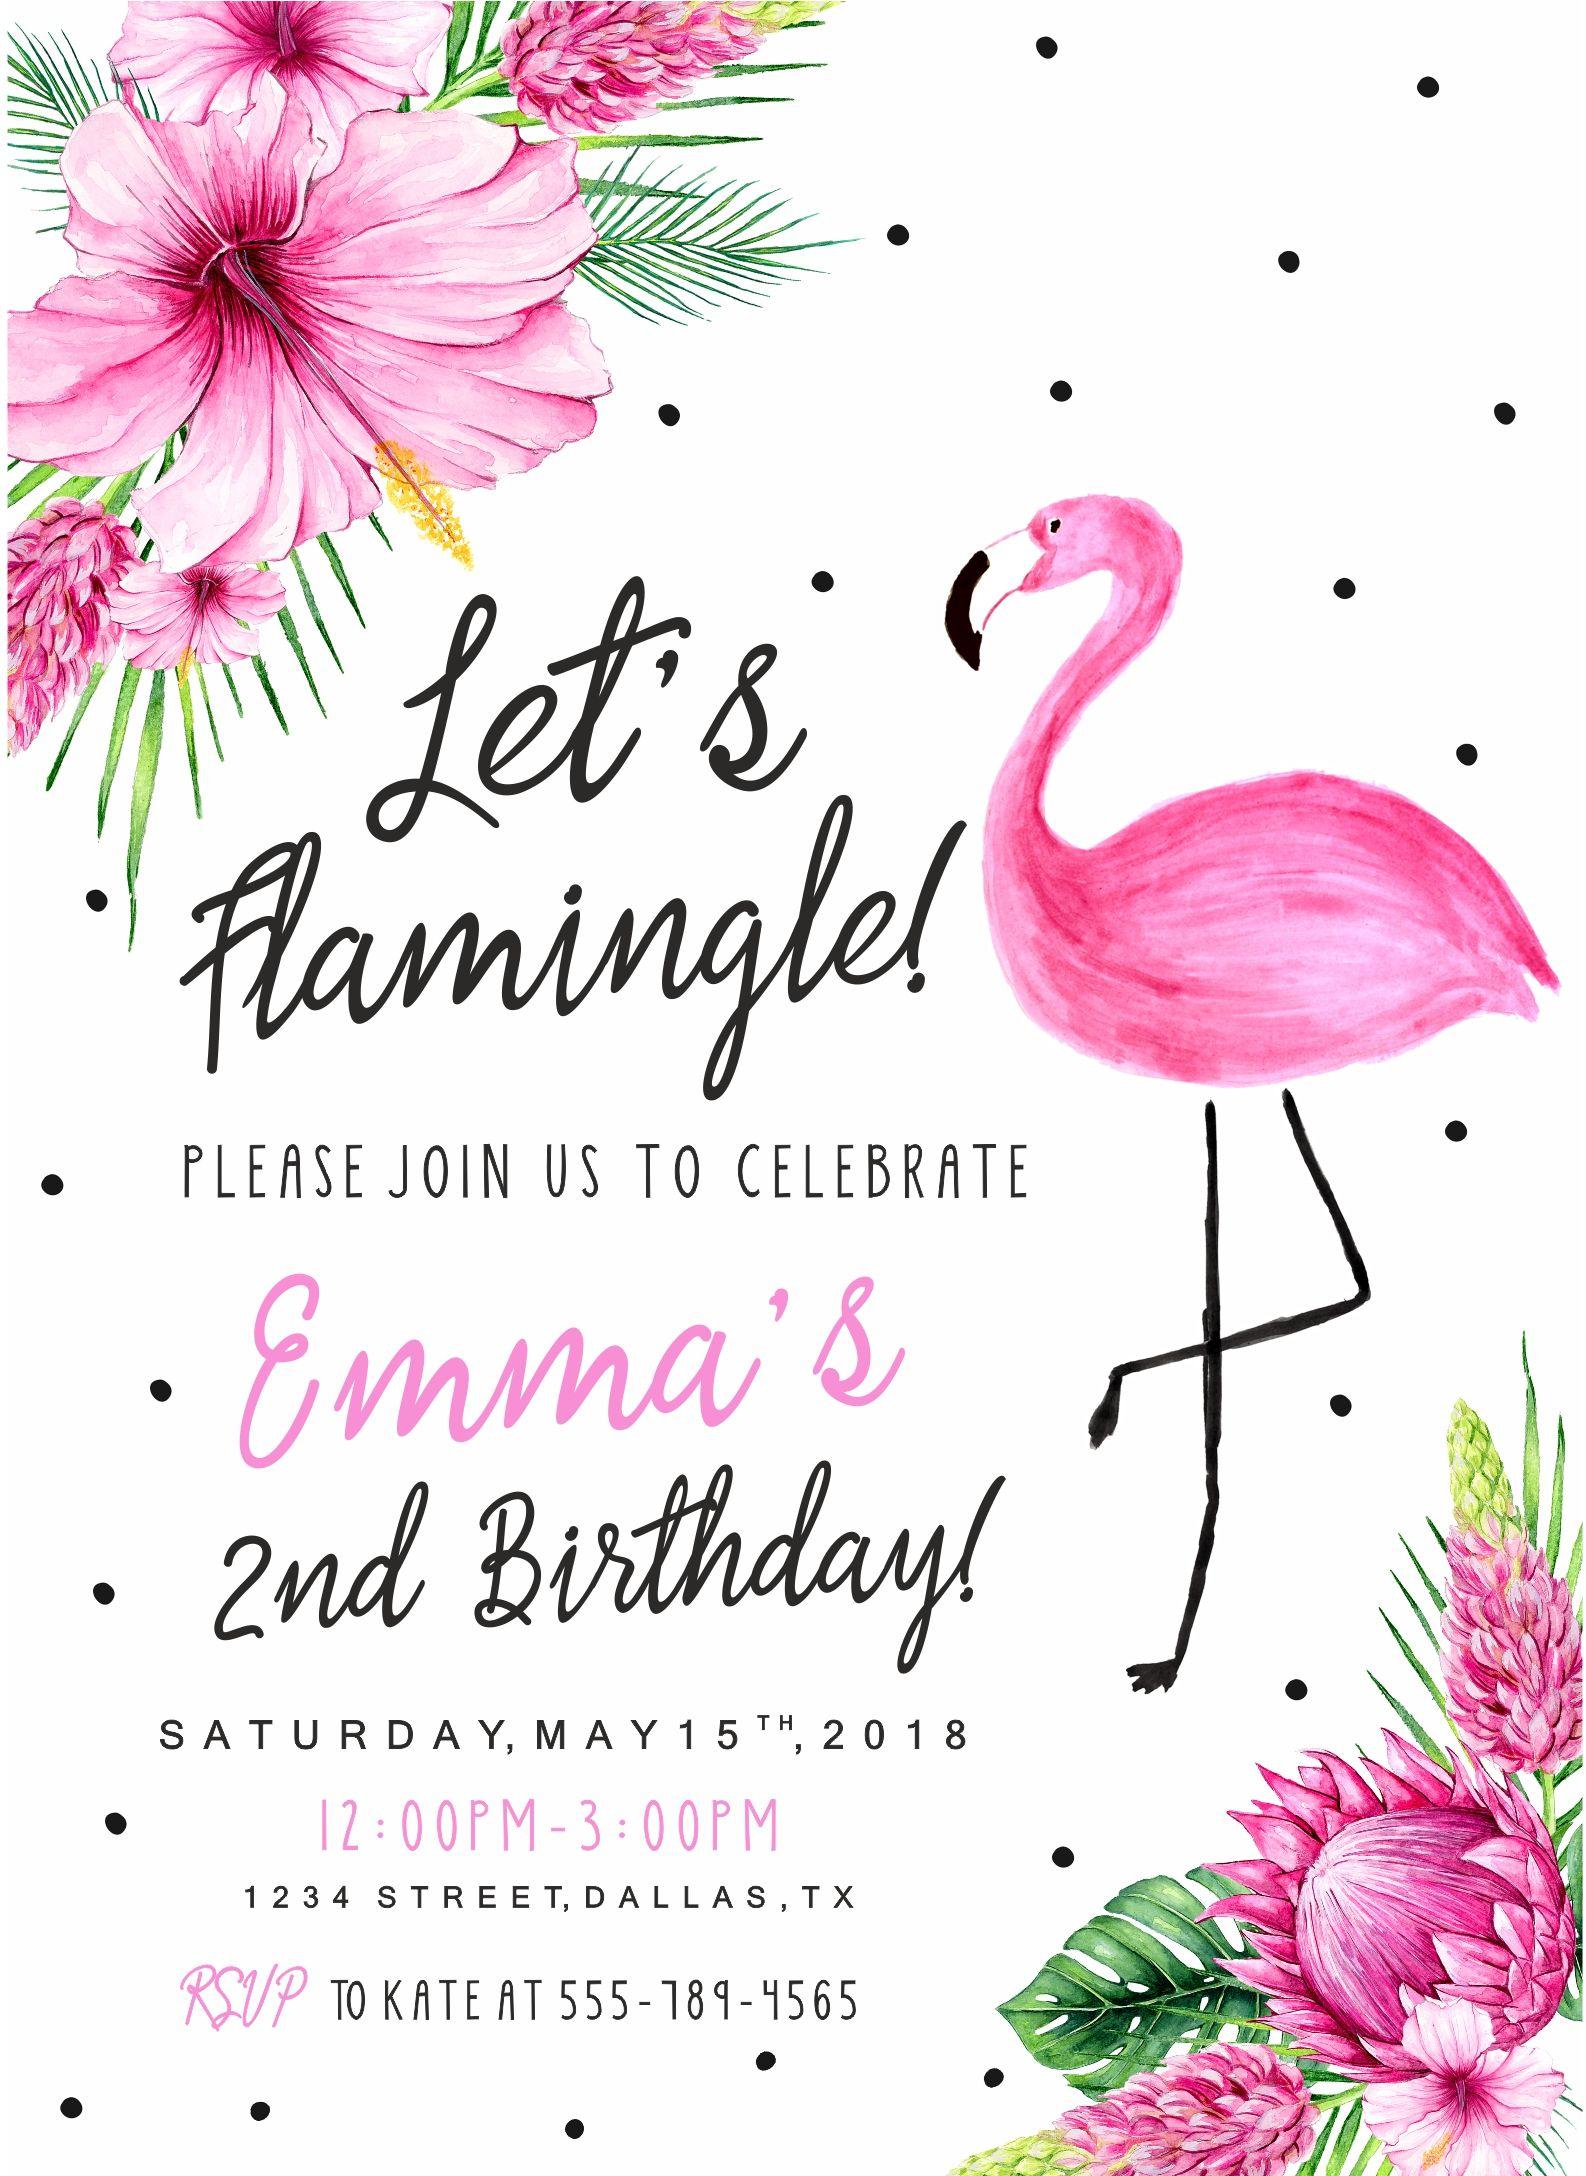 Flamingo birthday invitation Flamingo Invitation Let s Flamingle